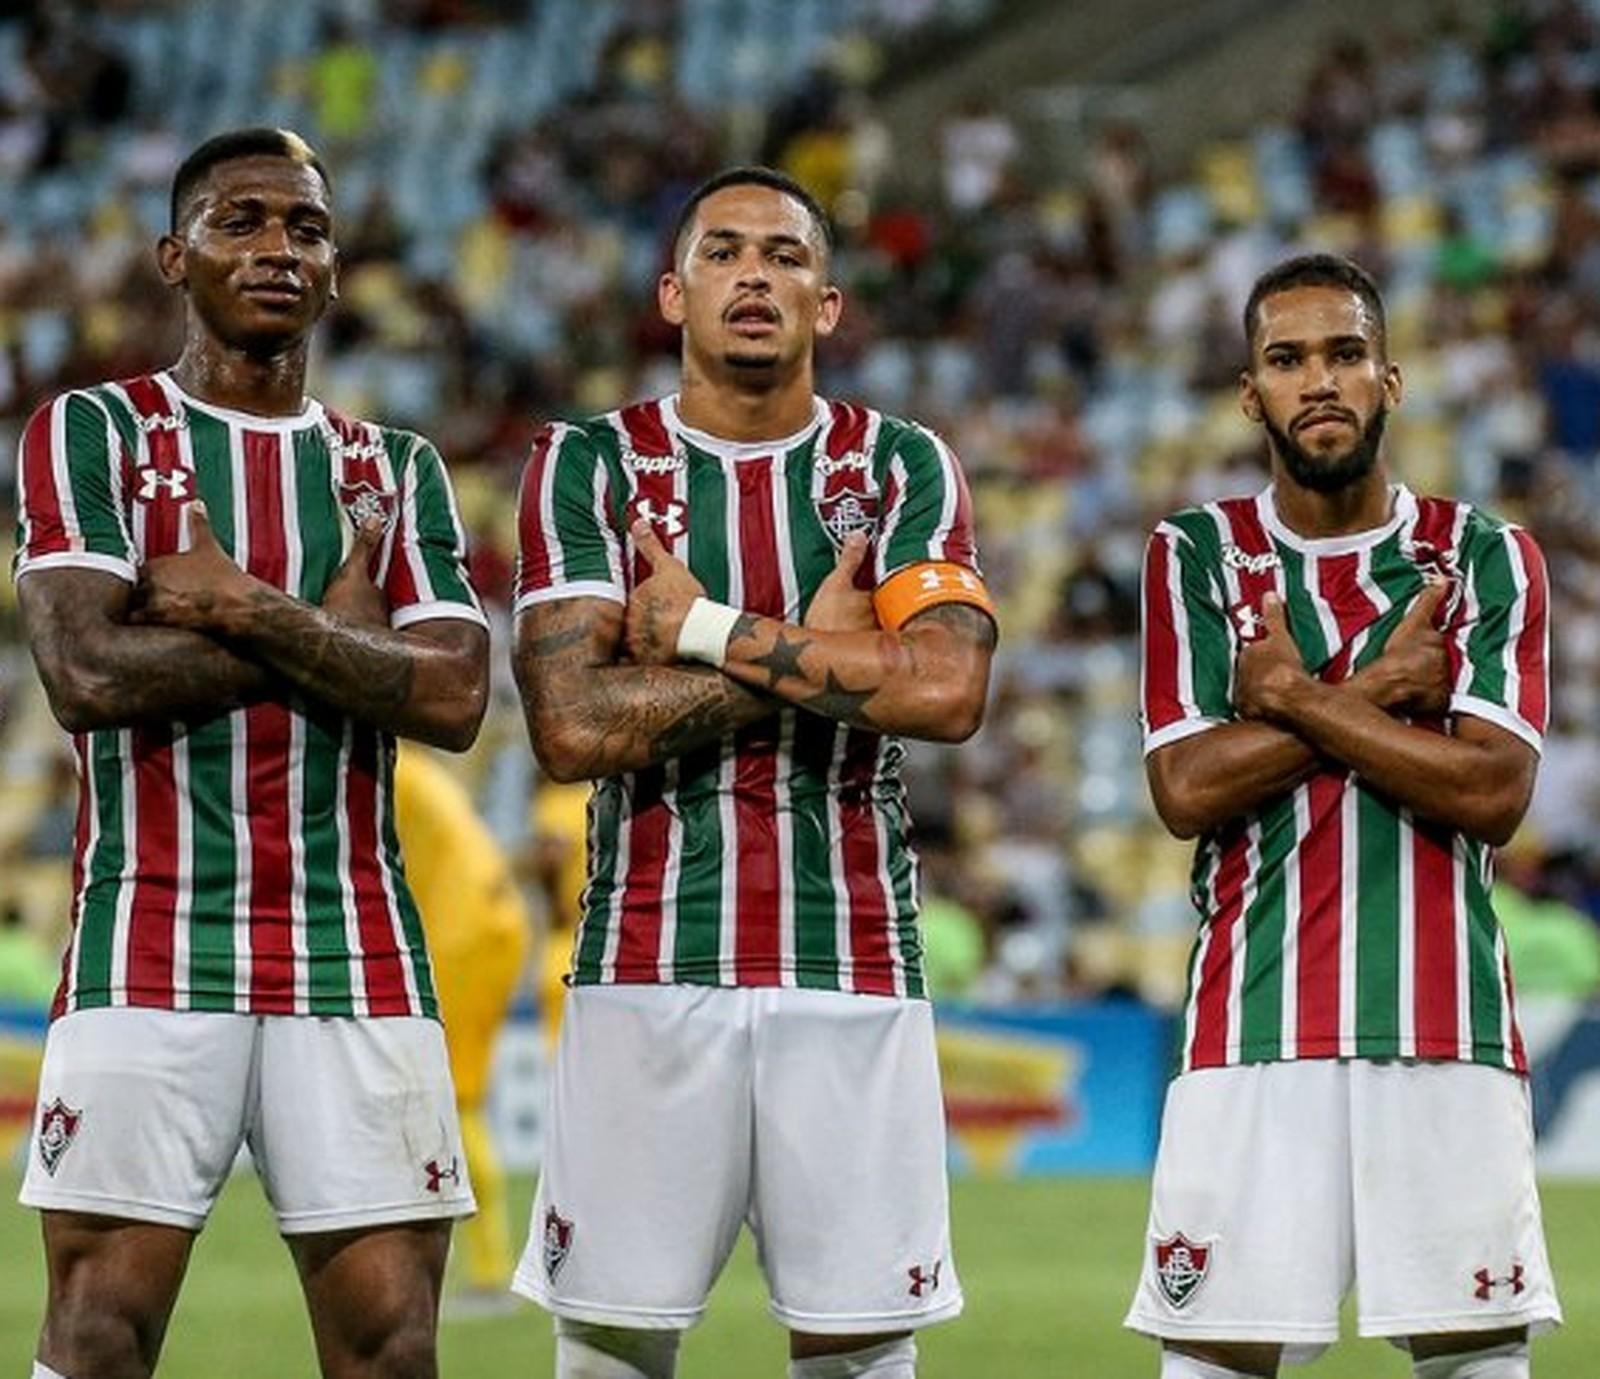 797d69753c Melhor ataque mostra Fluminense promissor